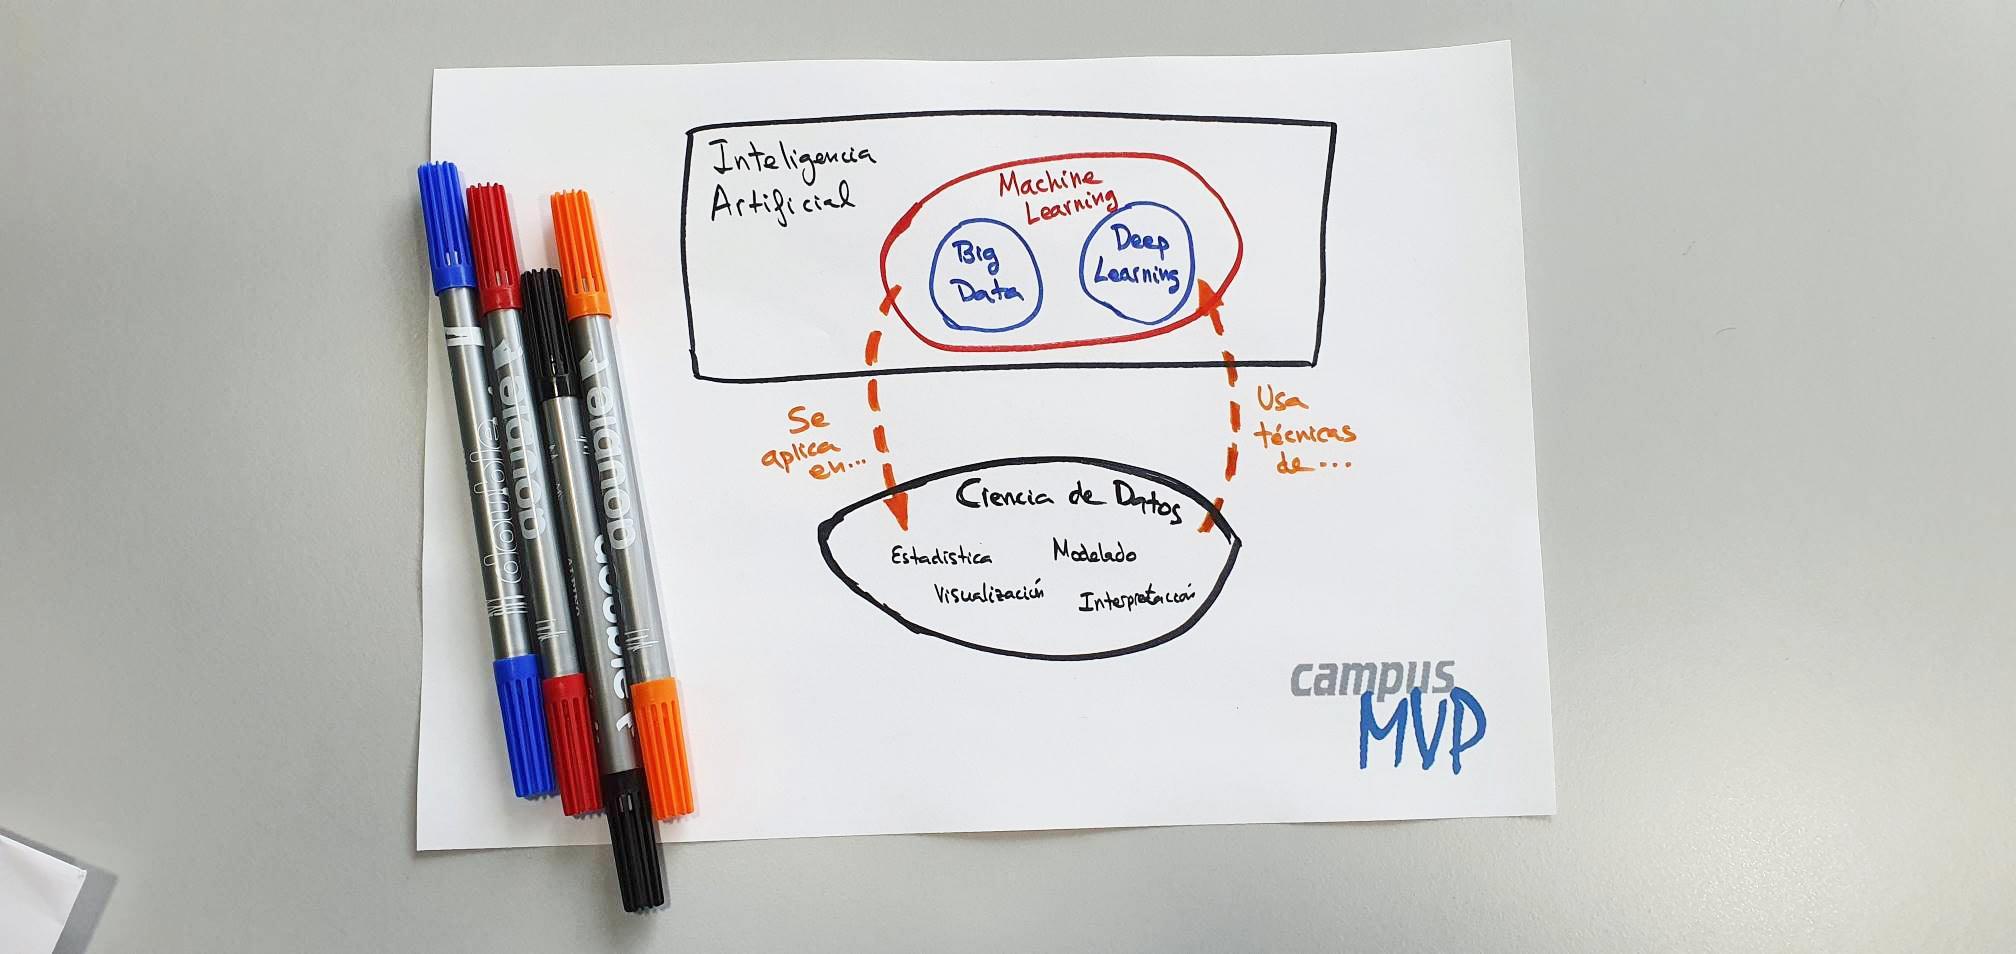 Diagrama que muestra el solapamiento entre las diferentes disciplinas del artículo - Autor José M. Alarcón